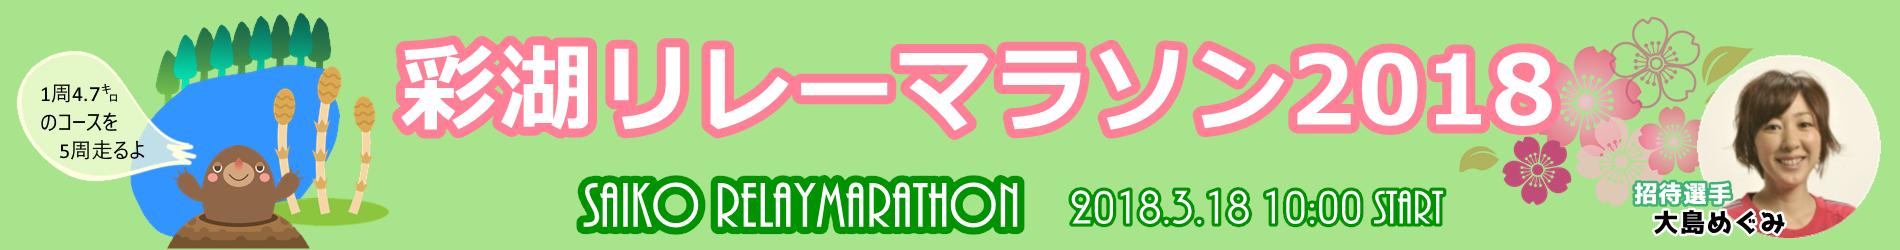 彩湖リレーマラソン2018